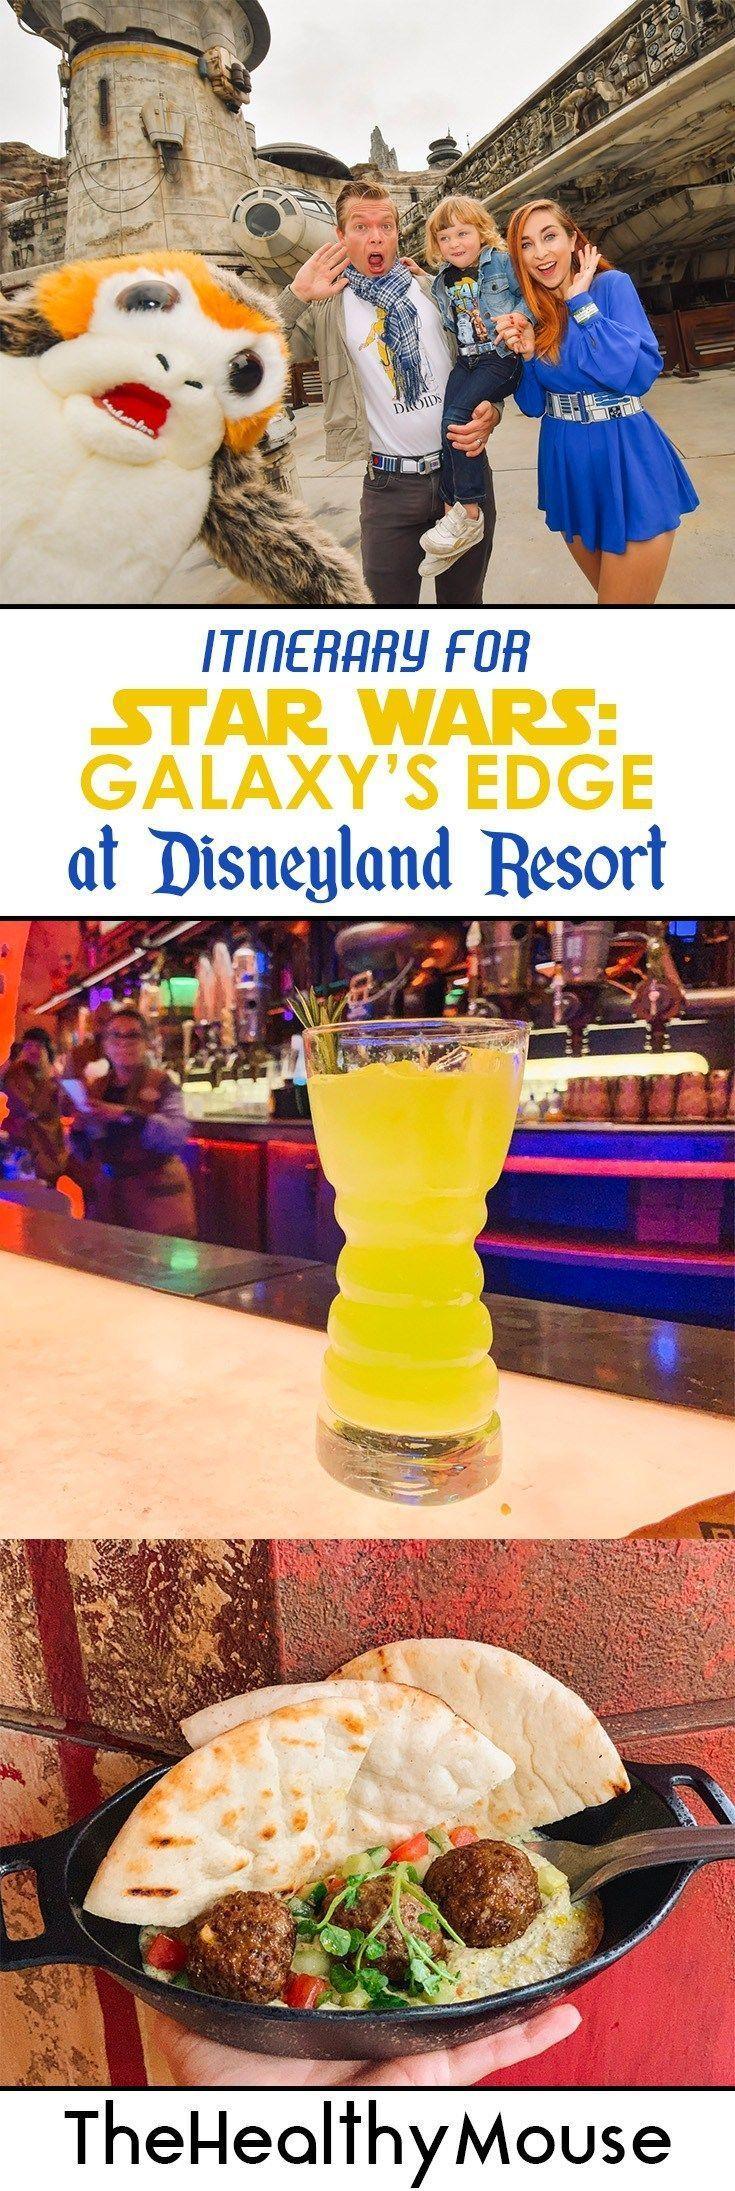 Photo of Reiseroute für Star Wars: Galaxy's Edge im Disneyland Resort